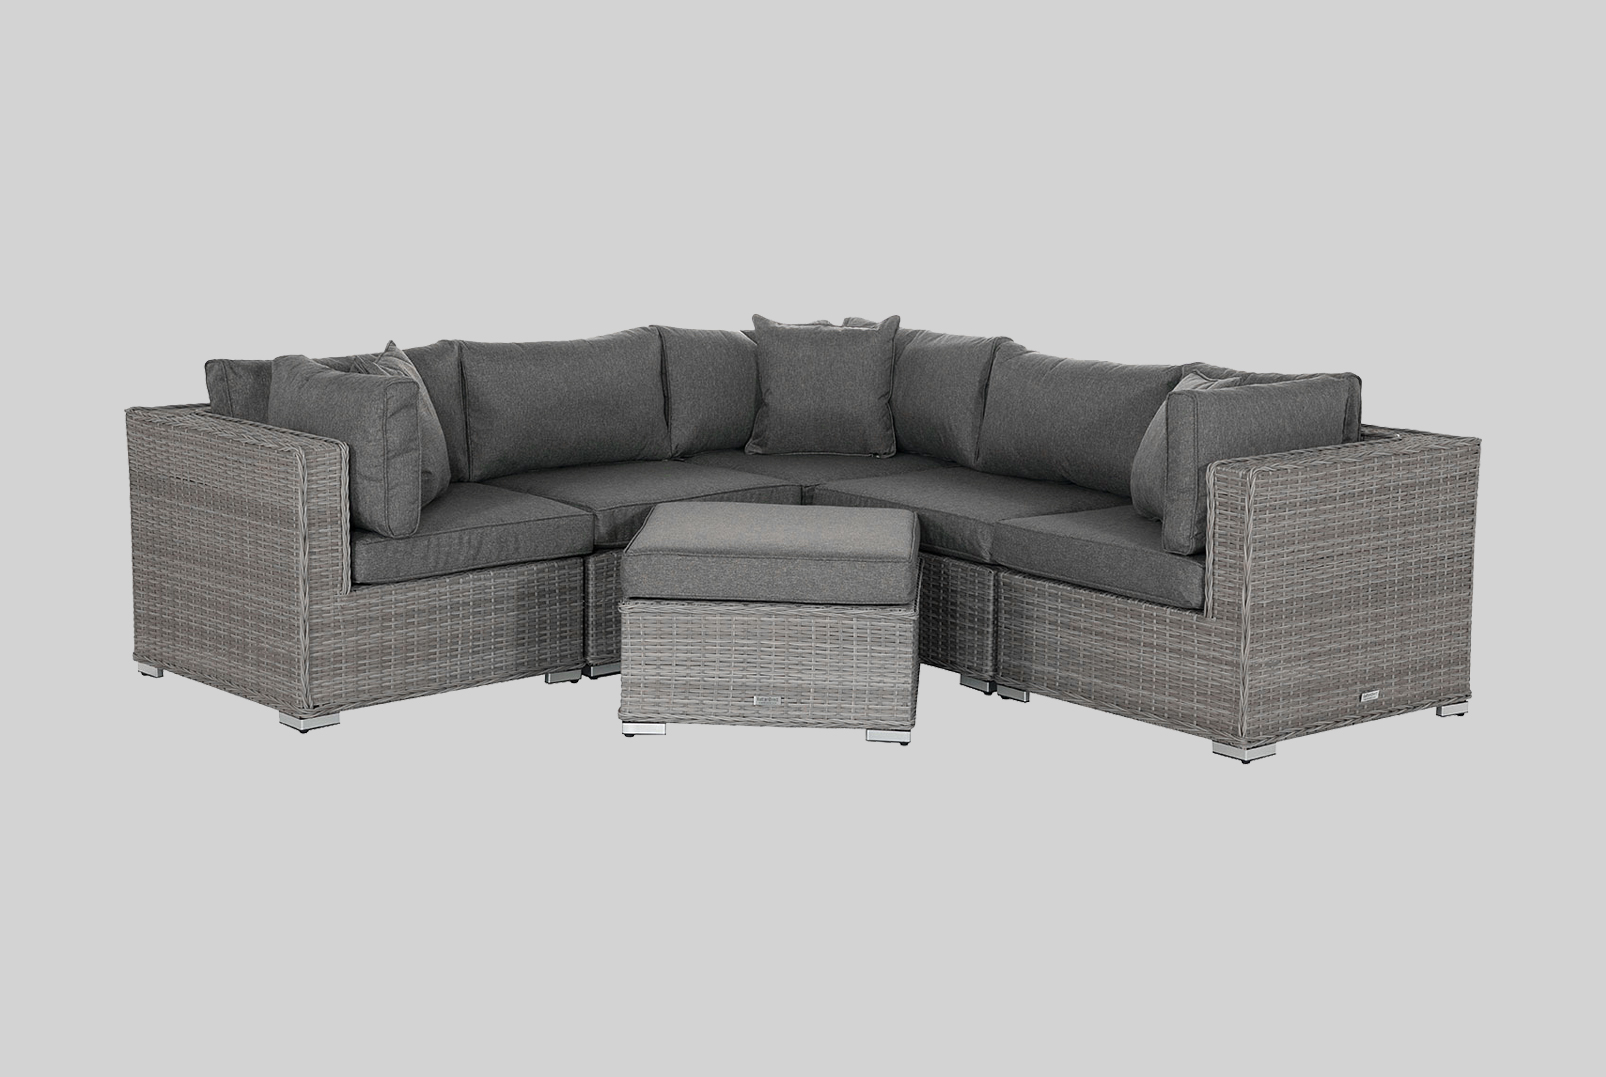 Outdoor & Indoor Rattan Corner Sofas | Rattan Corner Sofas ...